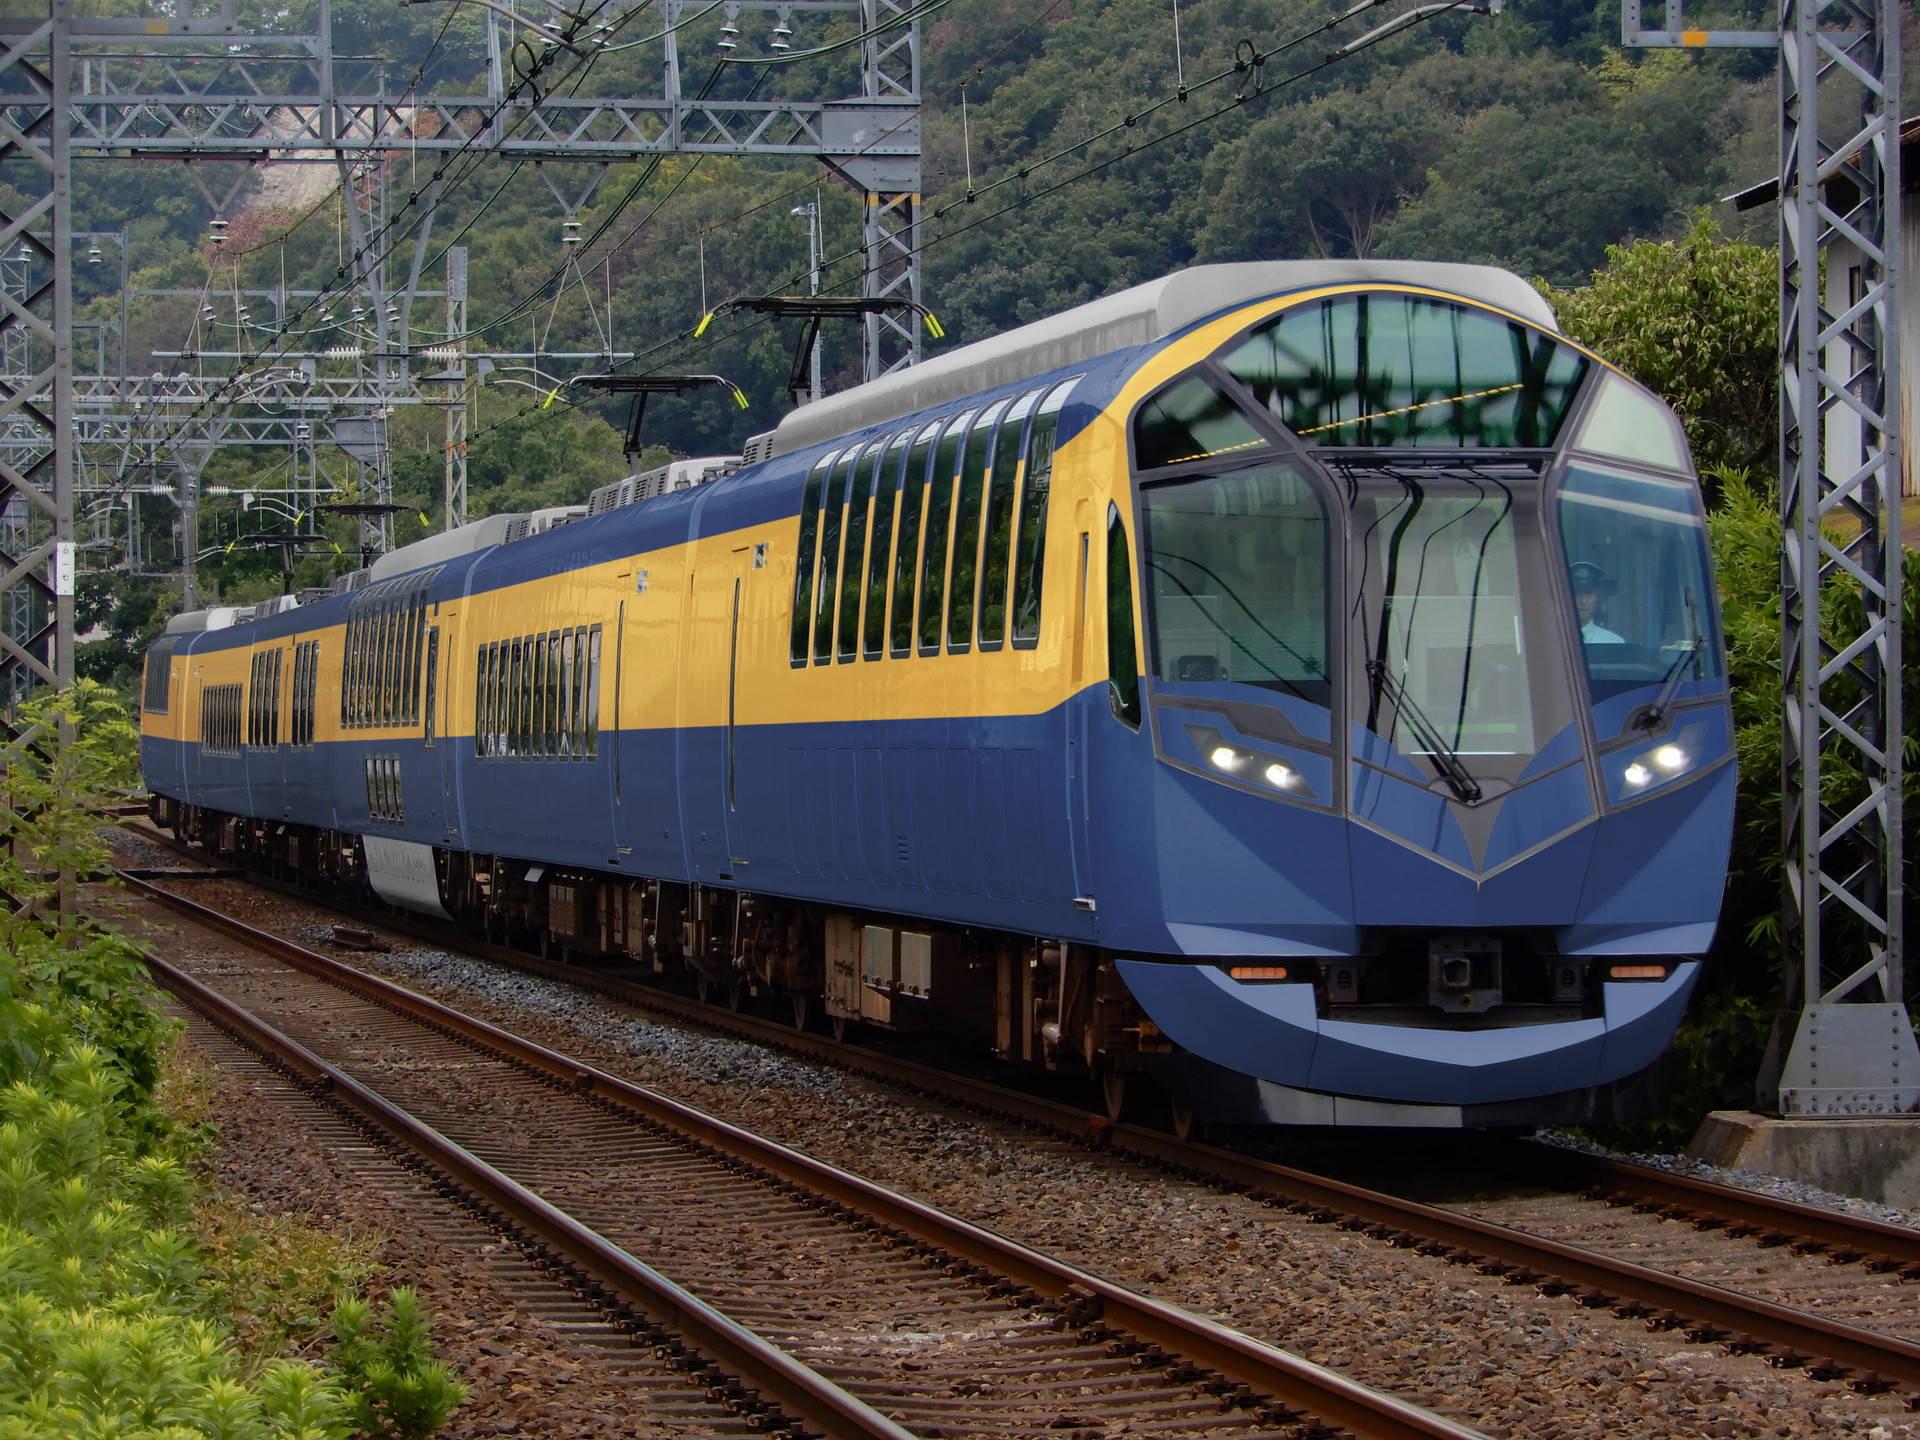 近鉄10000系(初代ビスタカー)色の近鉄50000系(ウソ電)